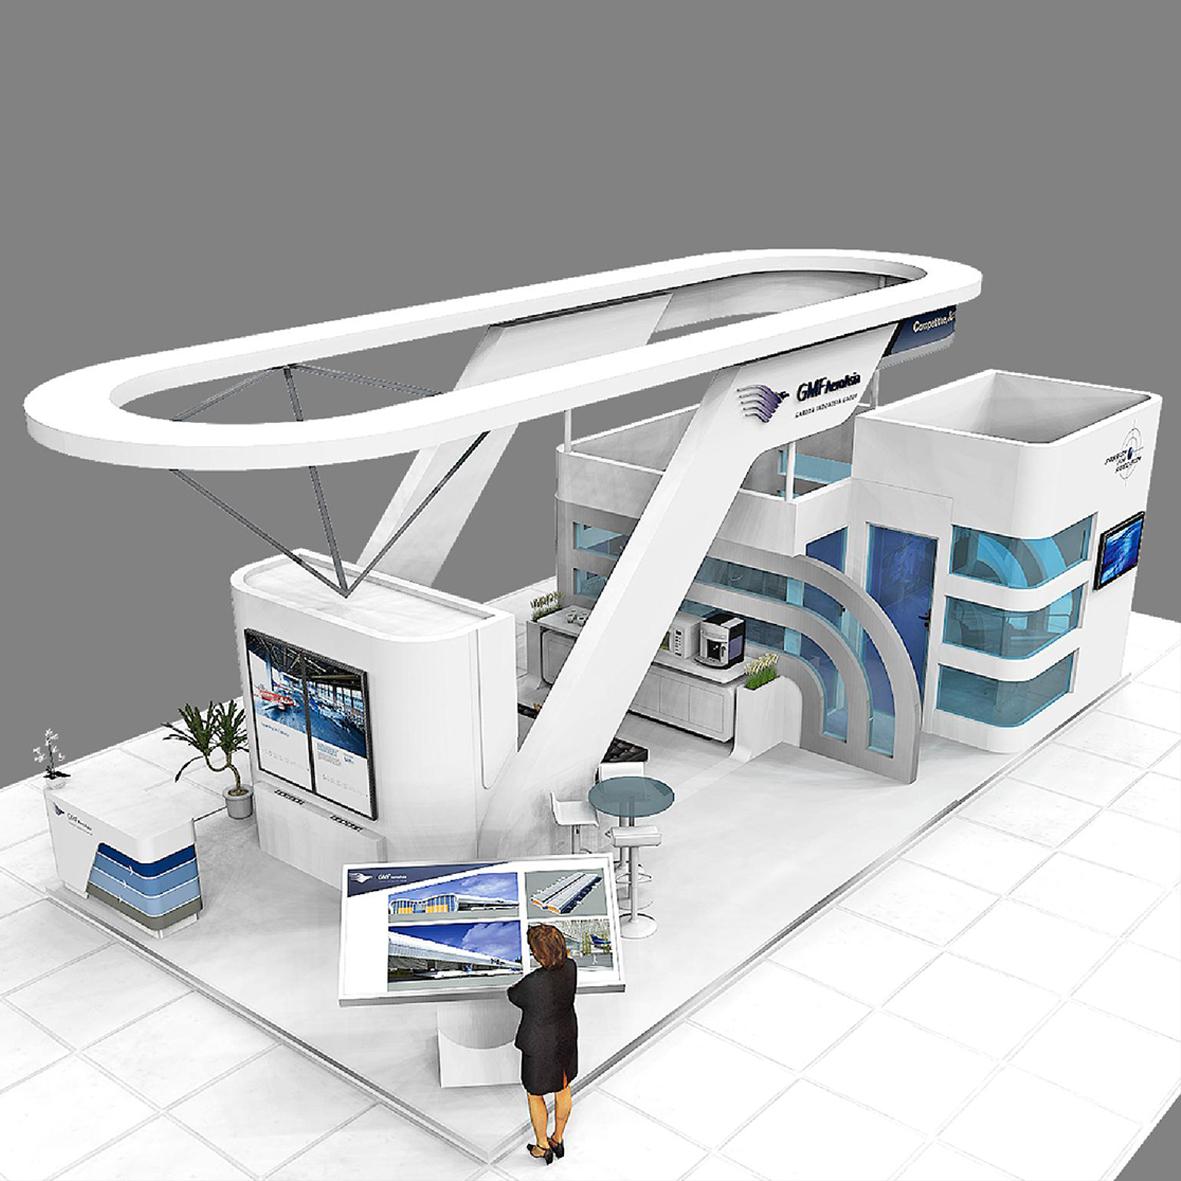 Design Booth Garuda Indonesia